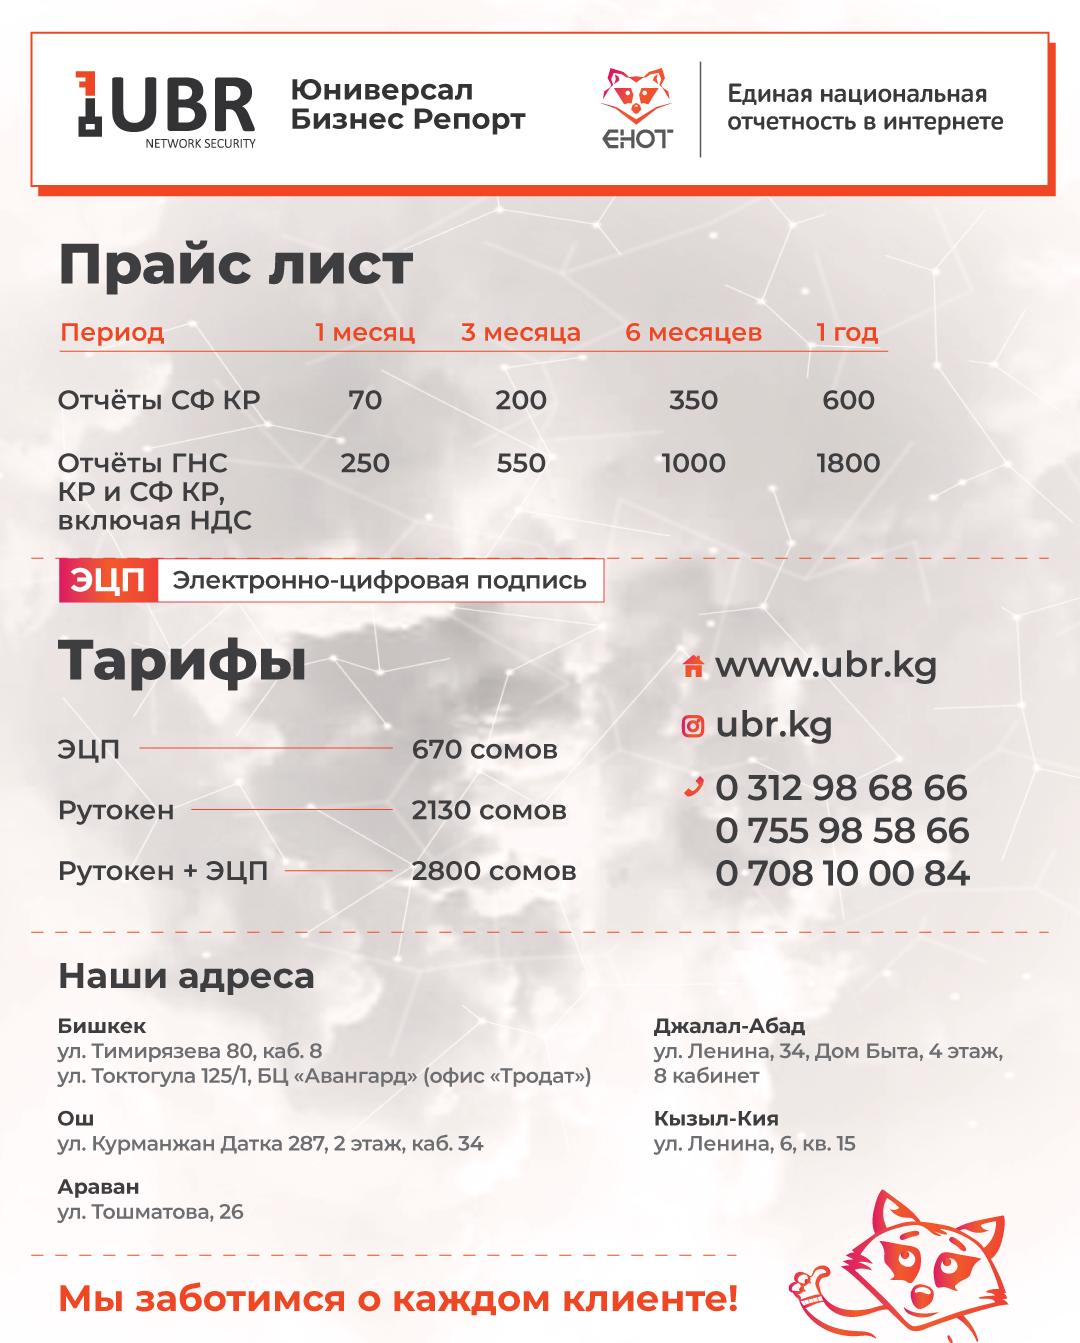 Важная информация о новом стандарте ЭЦП в Киргизии